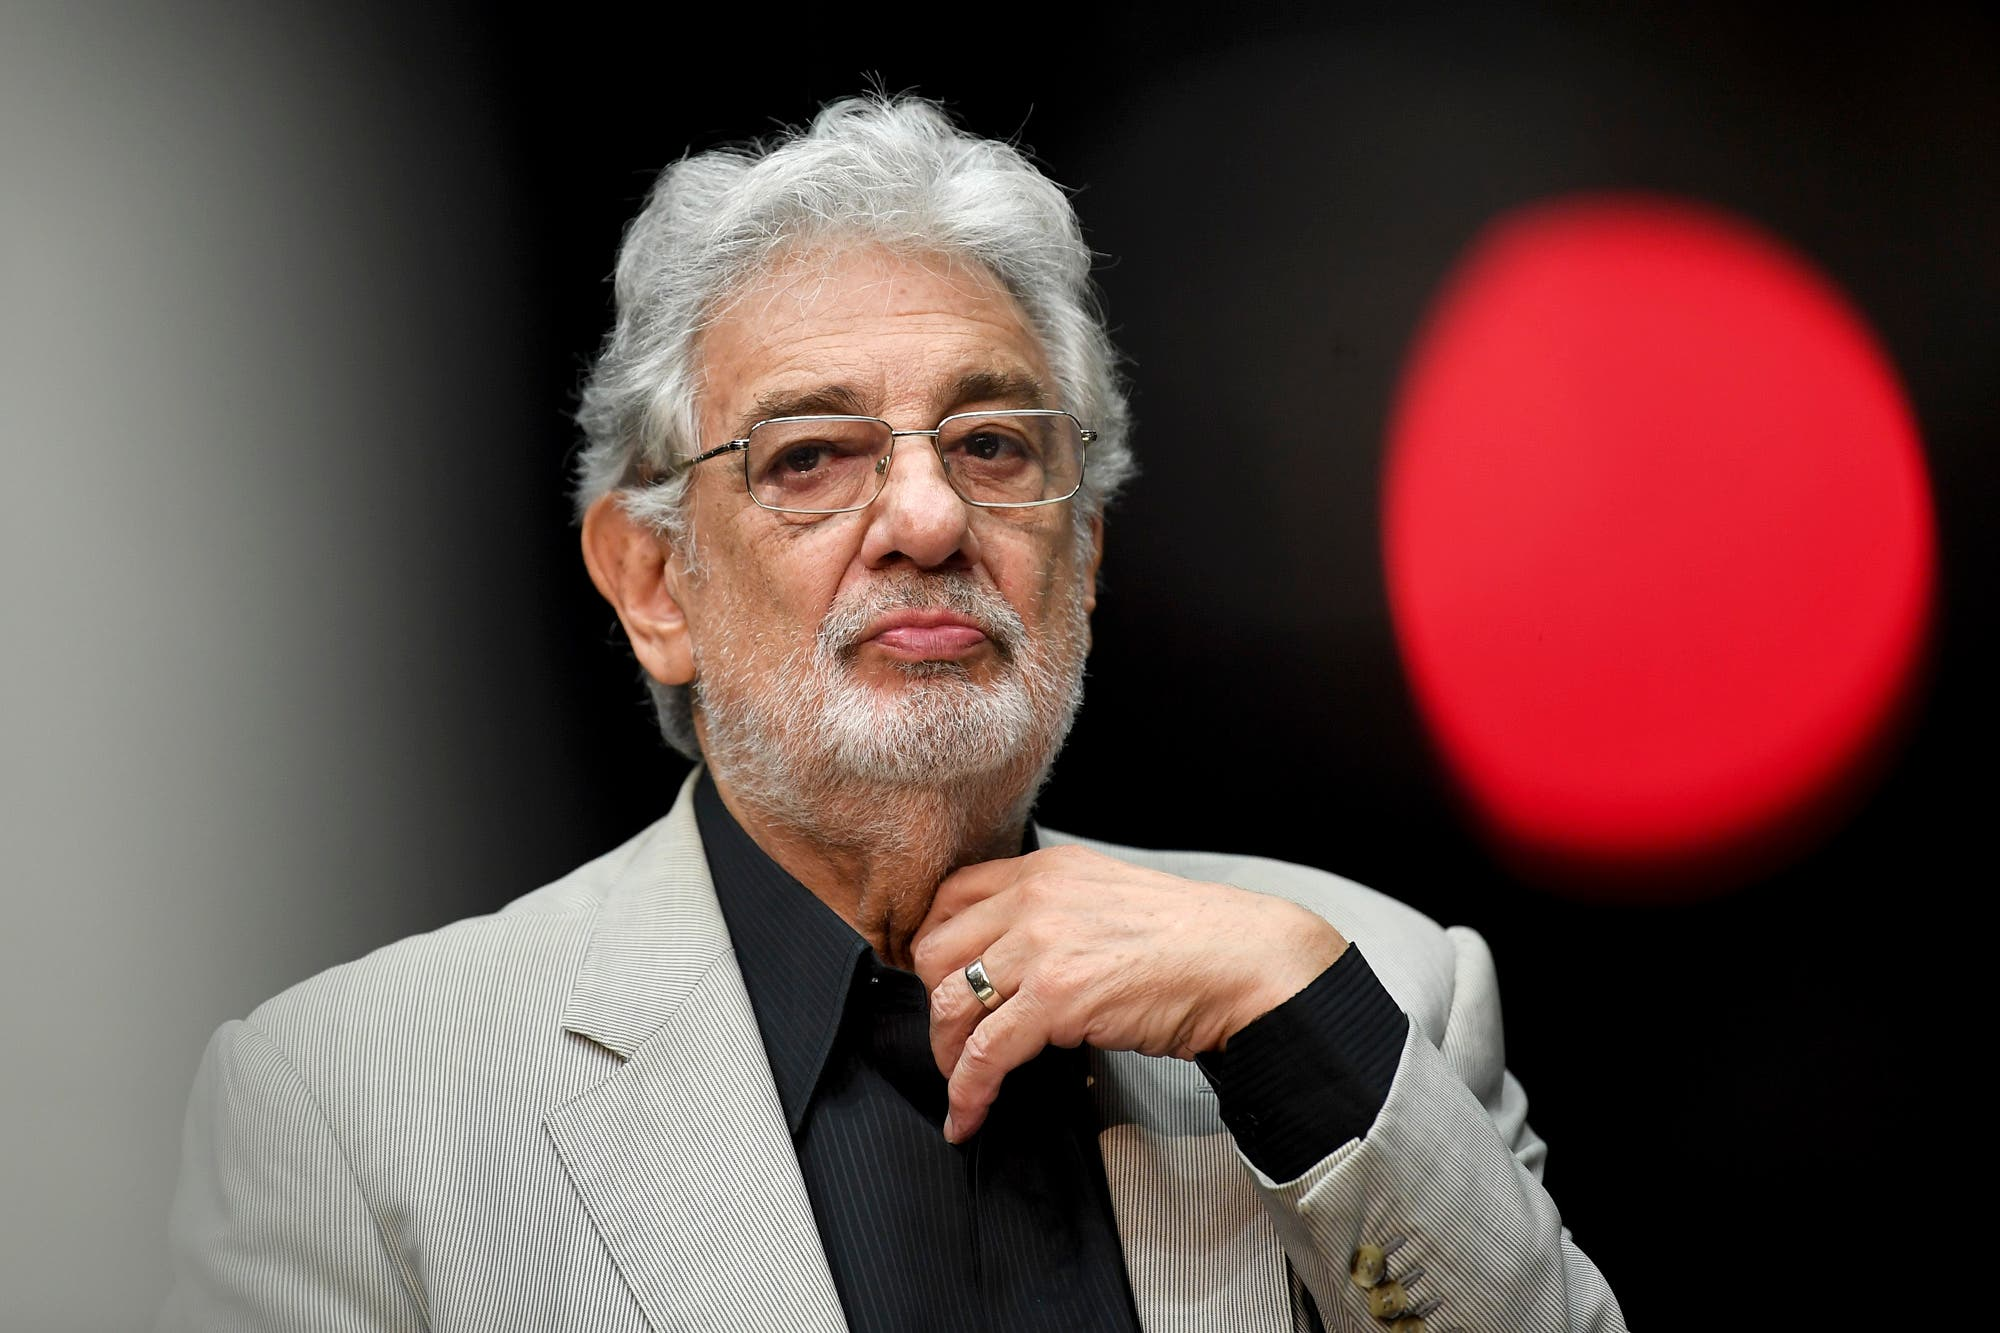 """Plácido Domingo, sobre las acusaciones de acoso sexual: """"Me he sentido juzgado por anticipado"""""""